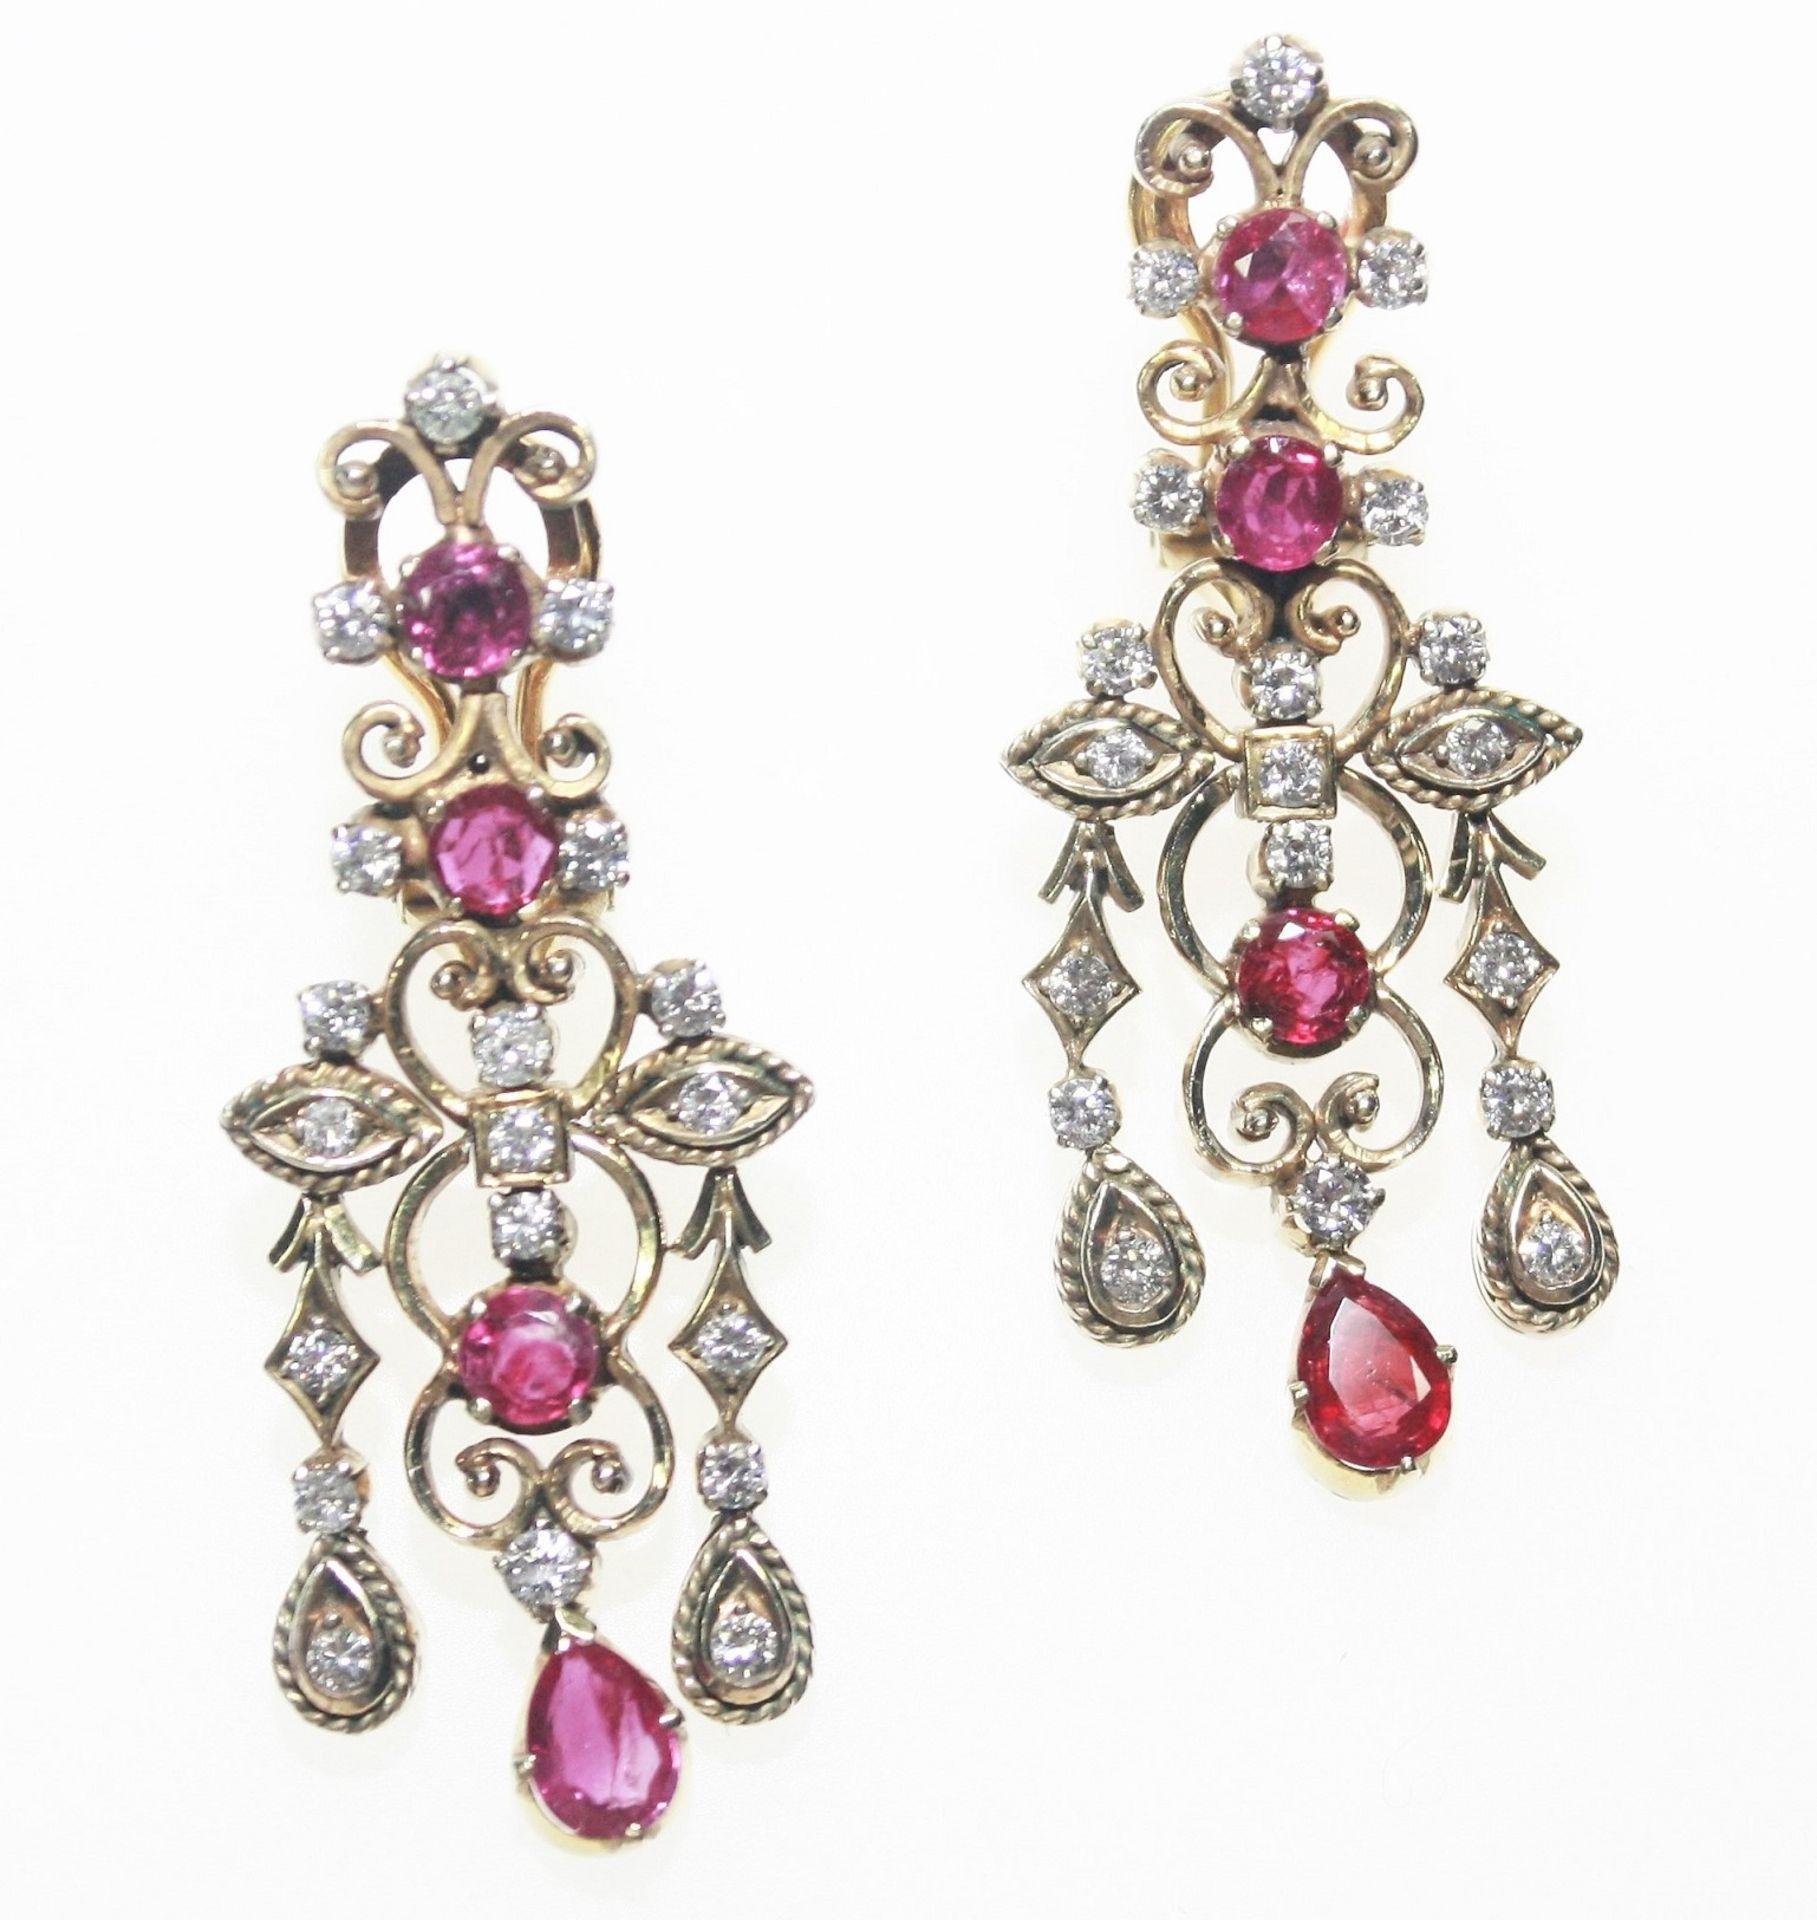 Ältere Hängeohrclips Silber/vergoldet mit jeweils vier Rubinen zus. ca. 2,60 ct und Diamanten in